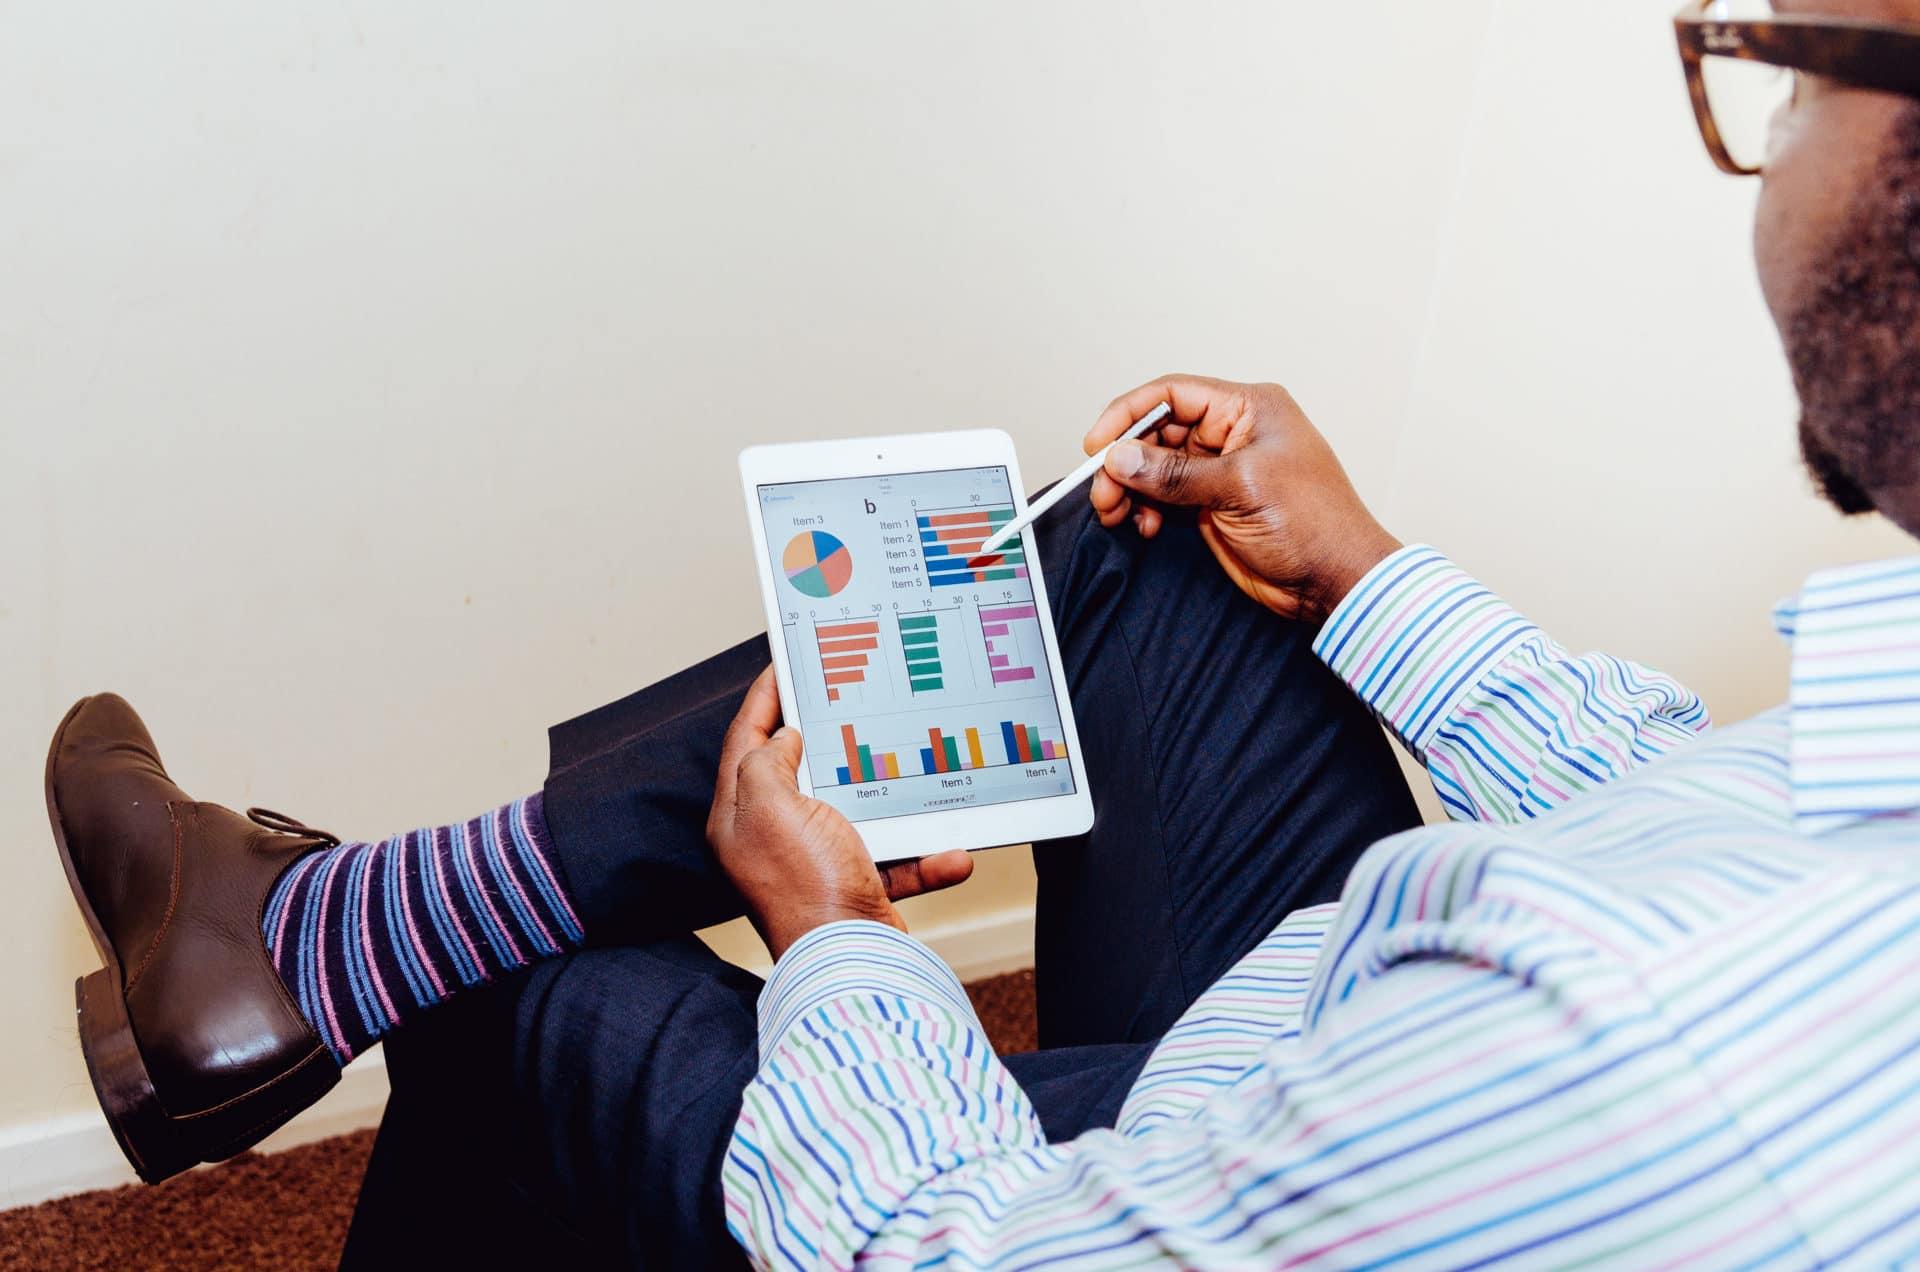 homme avec une tablette et statistiques recrutement cabinet de conseil